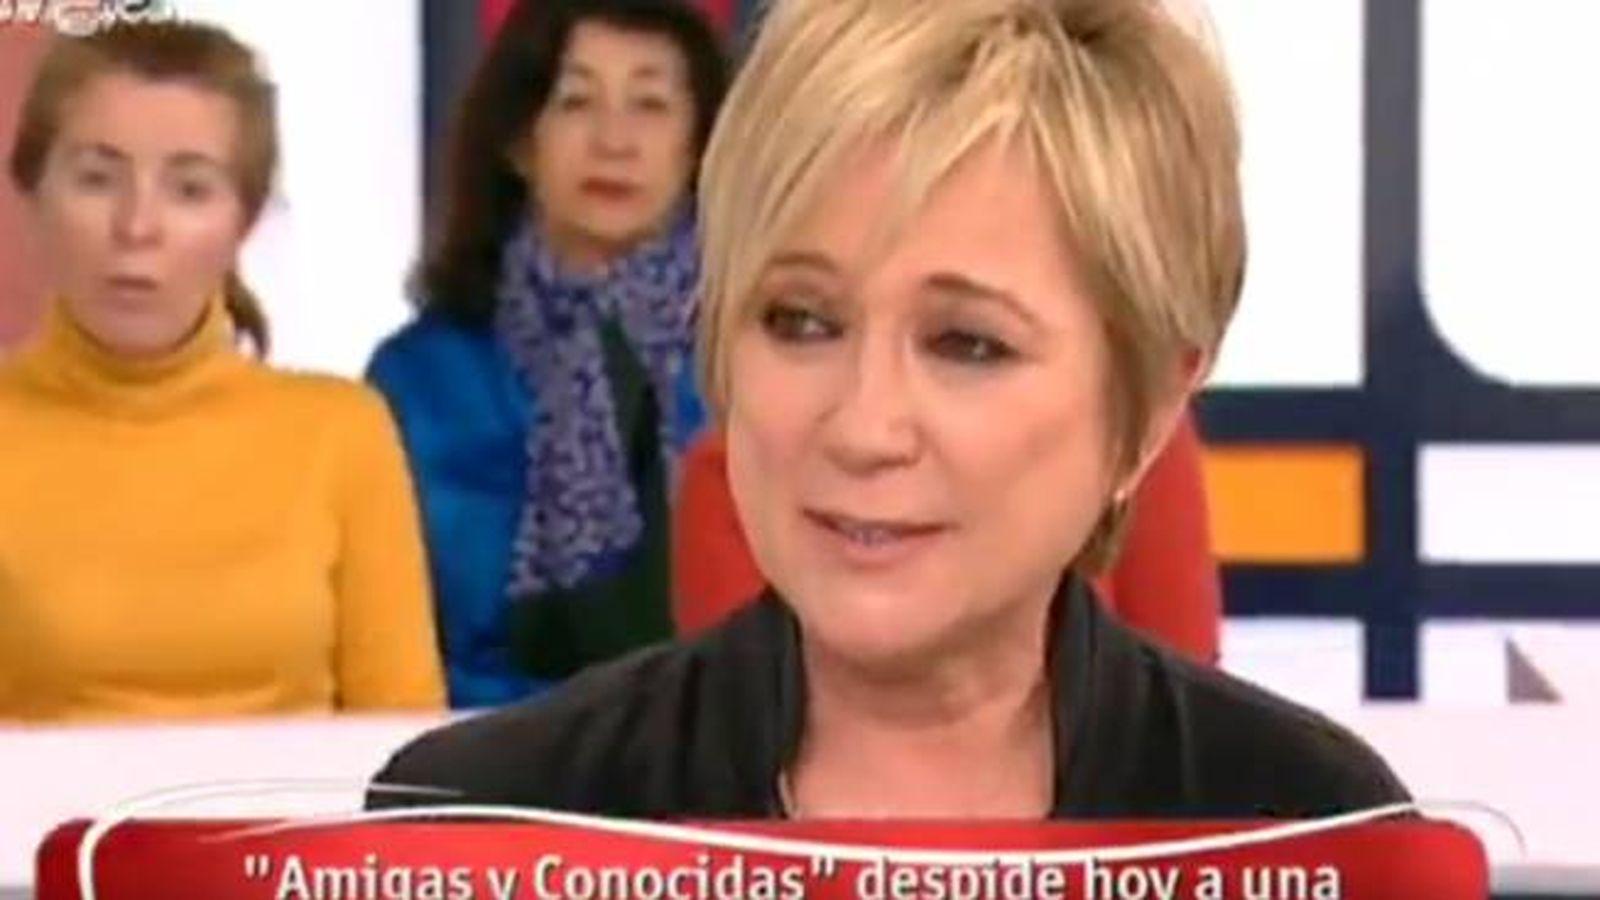 Foto: Inés Ballester despide en 'Amigas y conocidas' a Paloma Gómez Borrero.